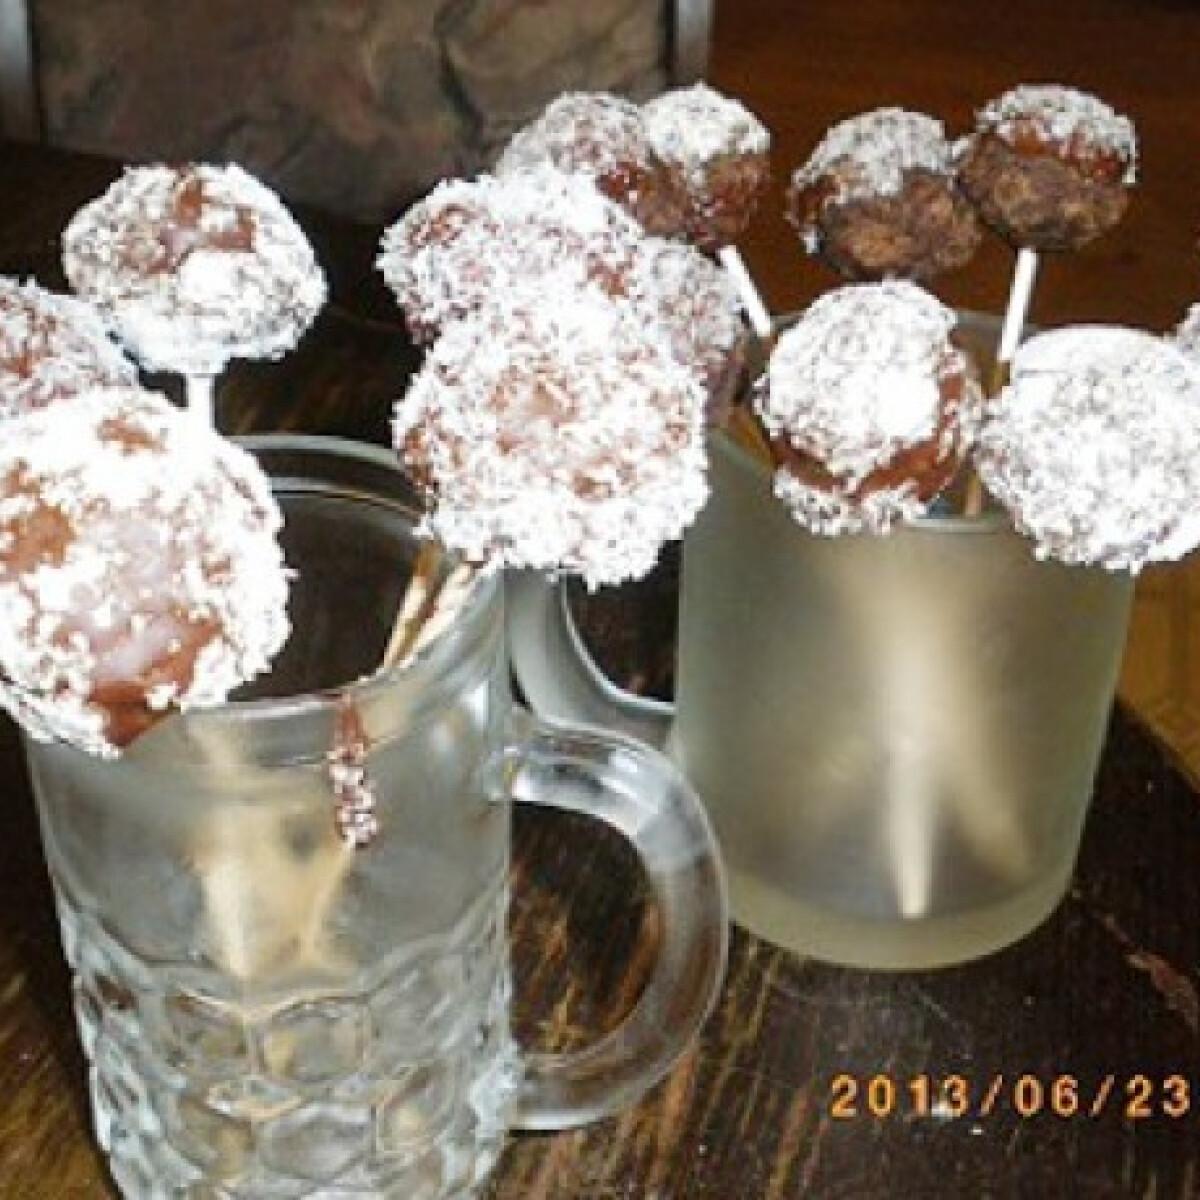 Ezen a képen: Cake pops laktózmentesen